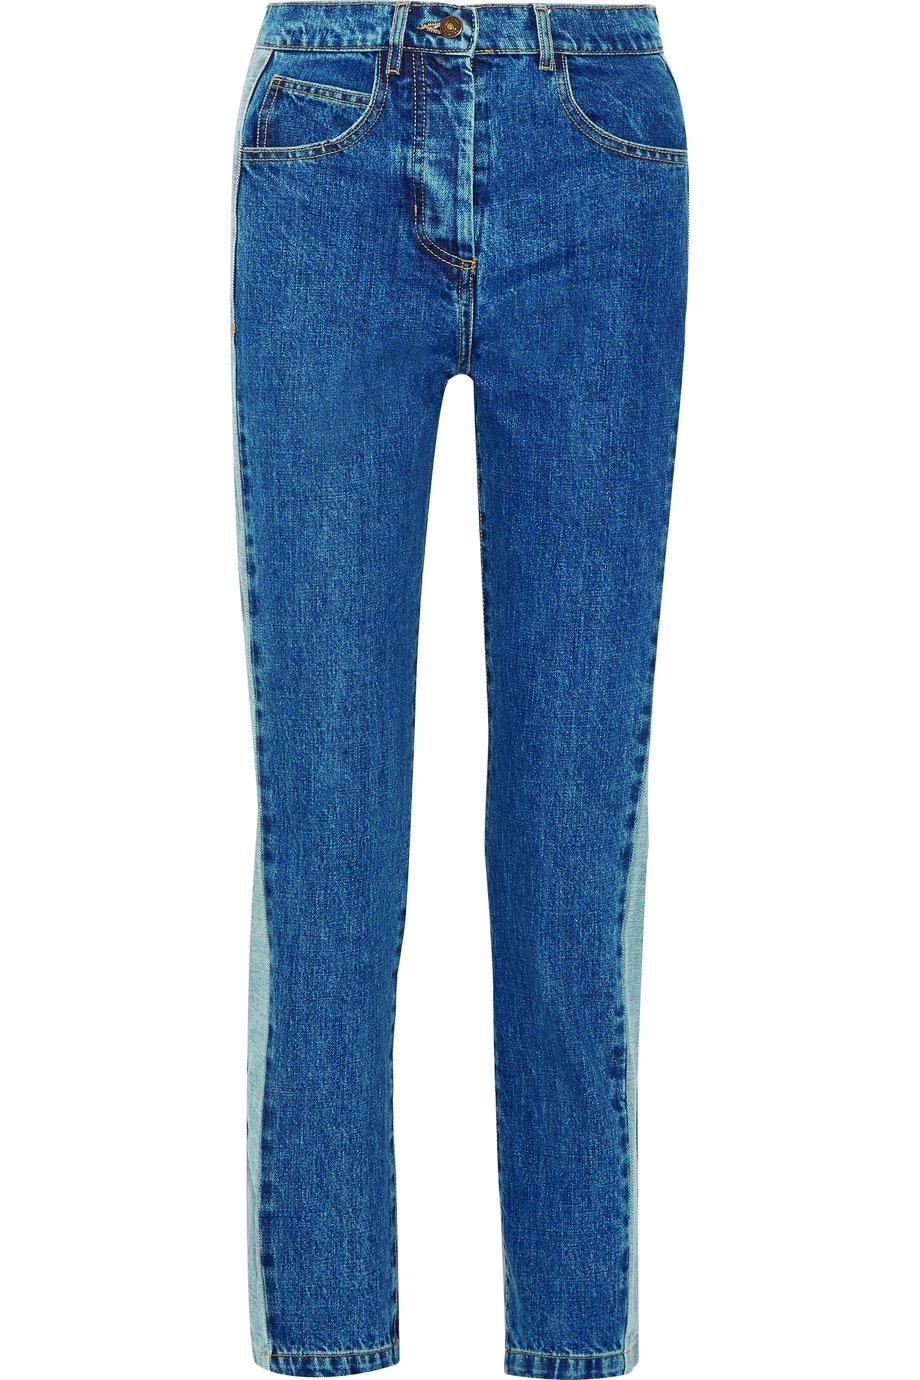 paul-joe jeans